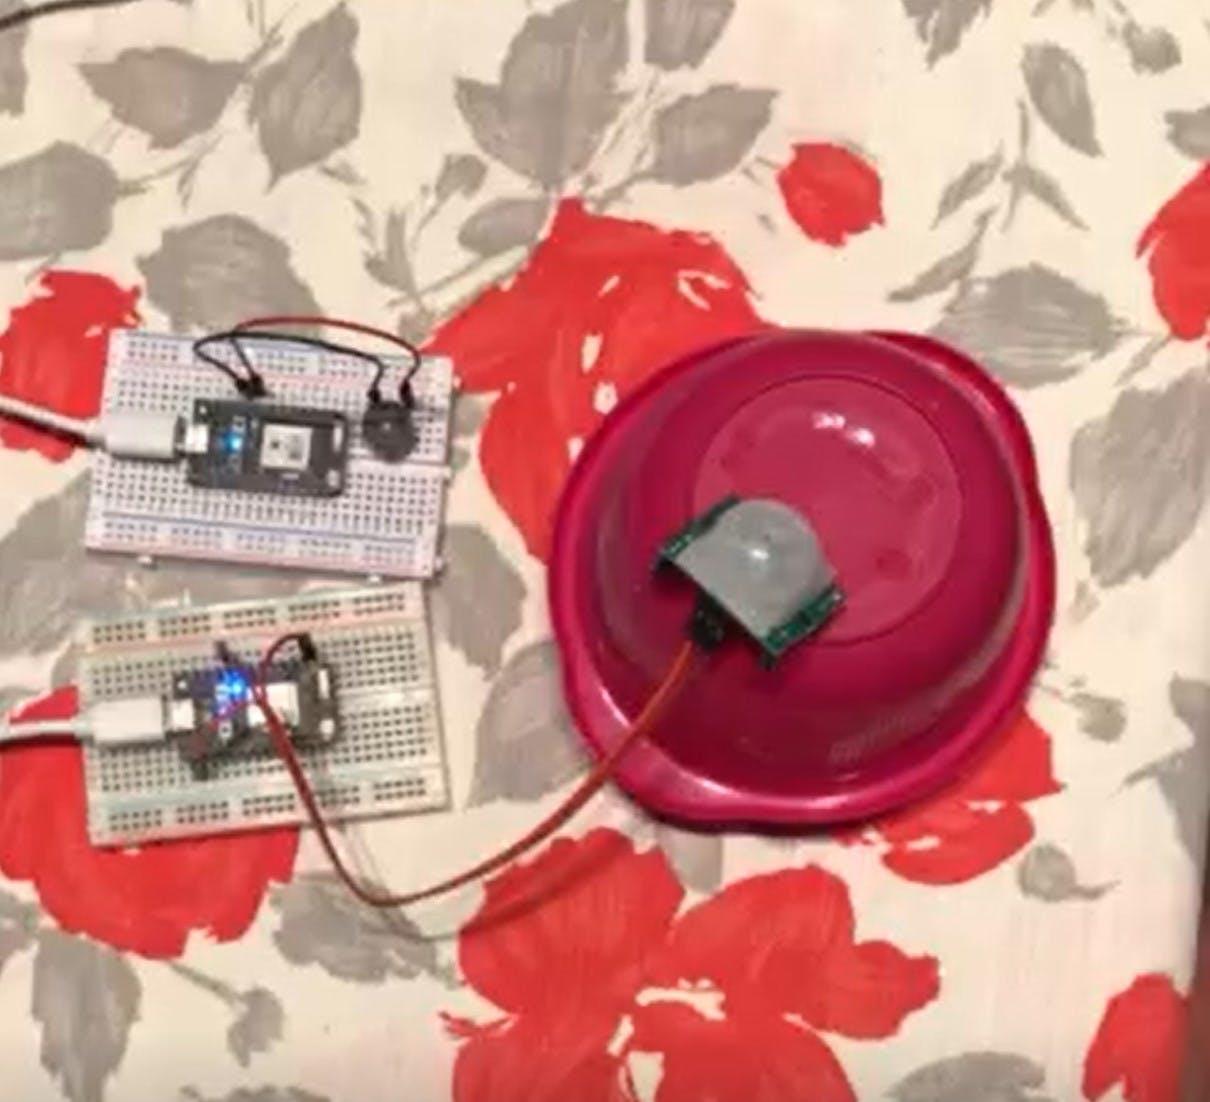 Alarm and sensor setup